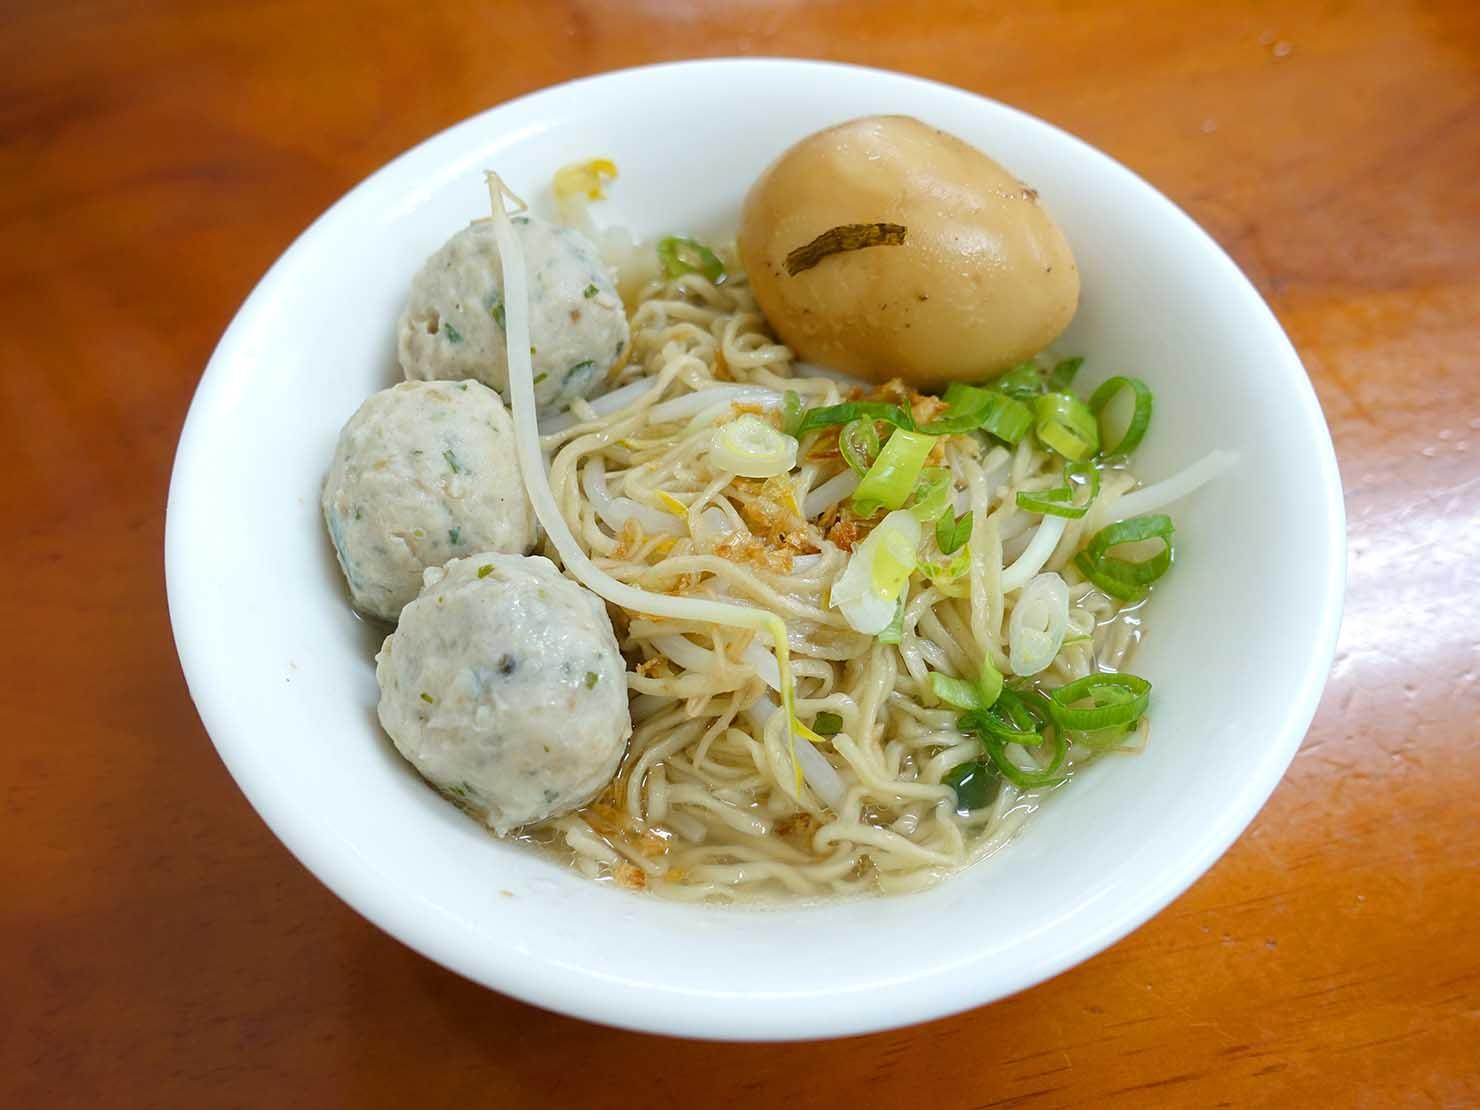 台北・行天宮のおすすめグルメ店「真味堂傳統意麵」の魚丸乾意麵(スープなし魚のつみれ麺)